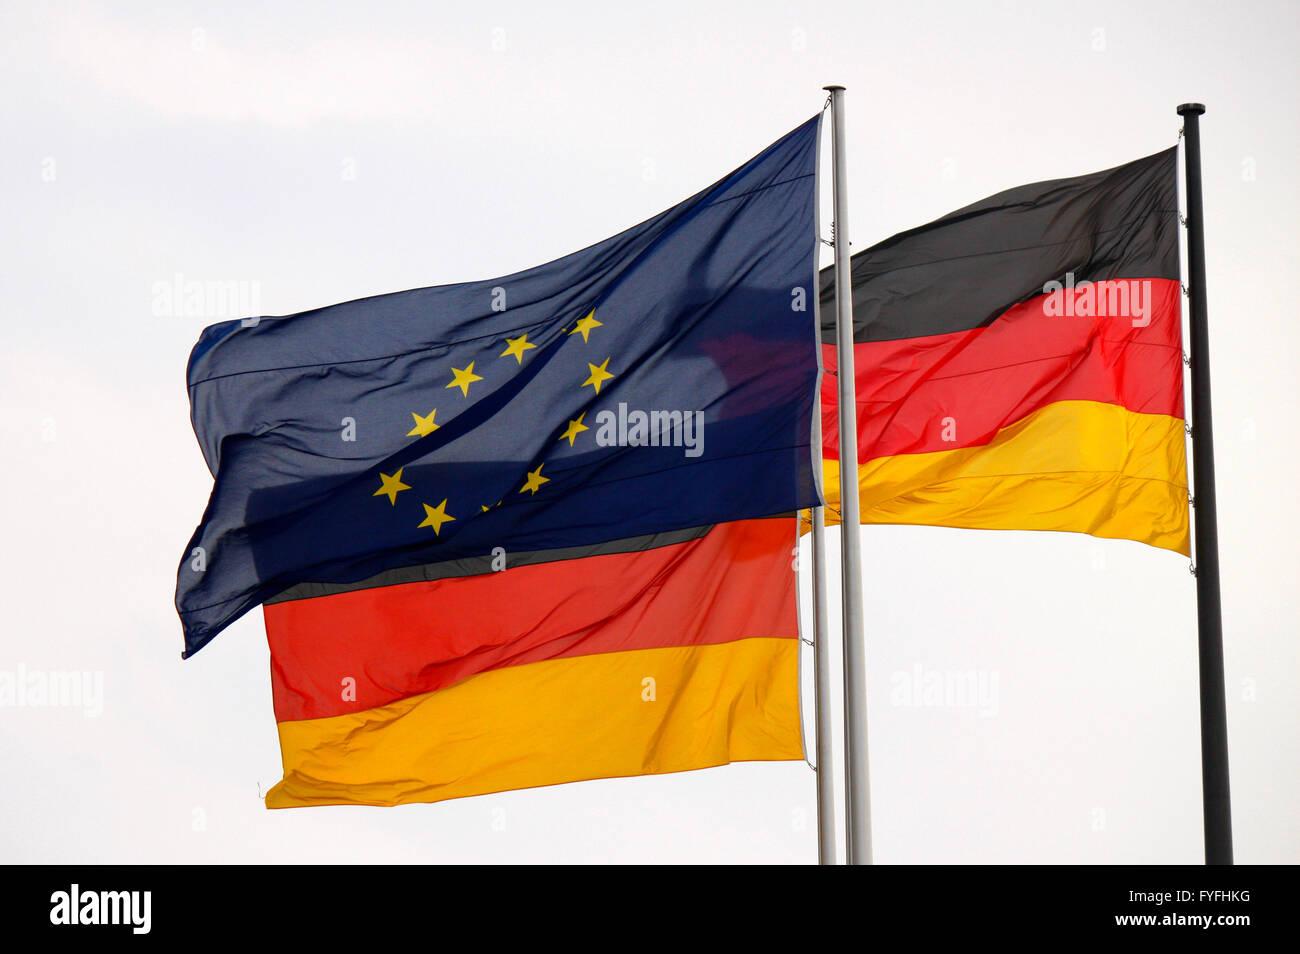 Europa und Deutschland-Fahnen -  nach der Wahl Joachim Gaucks zum neuen Bundespraesidenten, Bundesversammlung, Reichstagsgebaeud - Stock Image